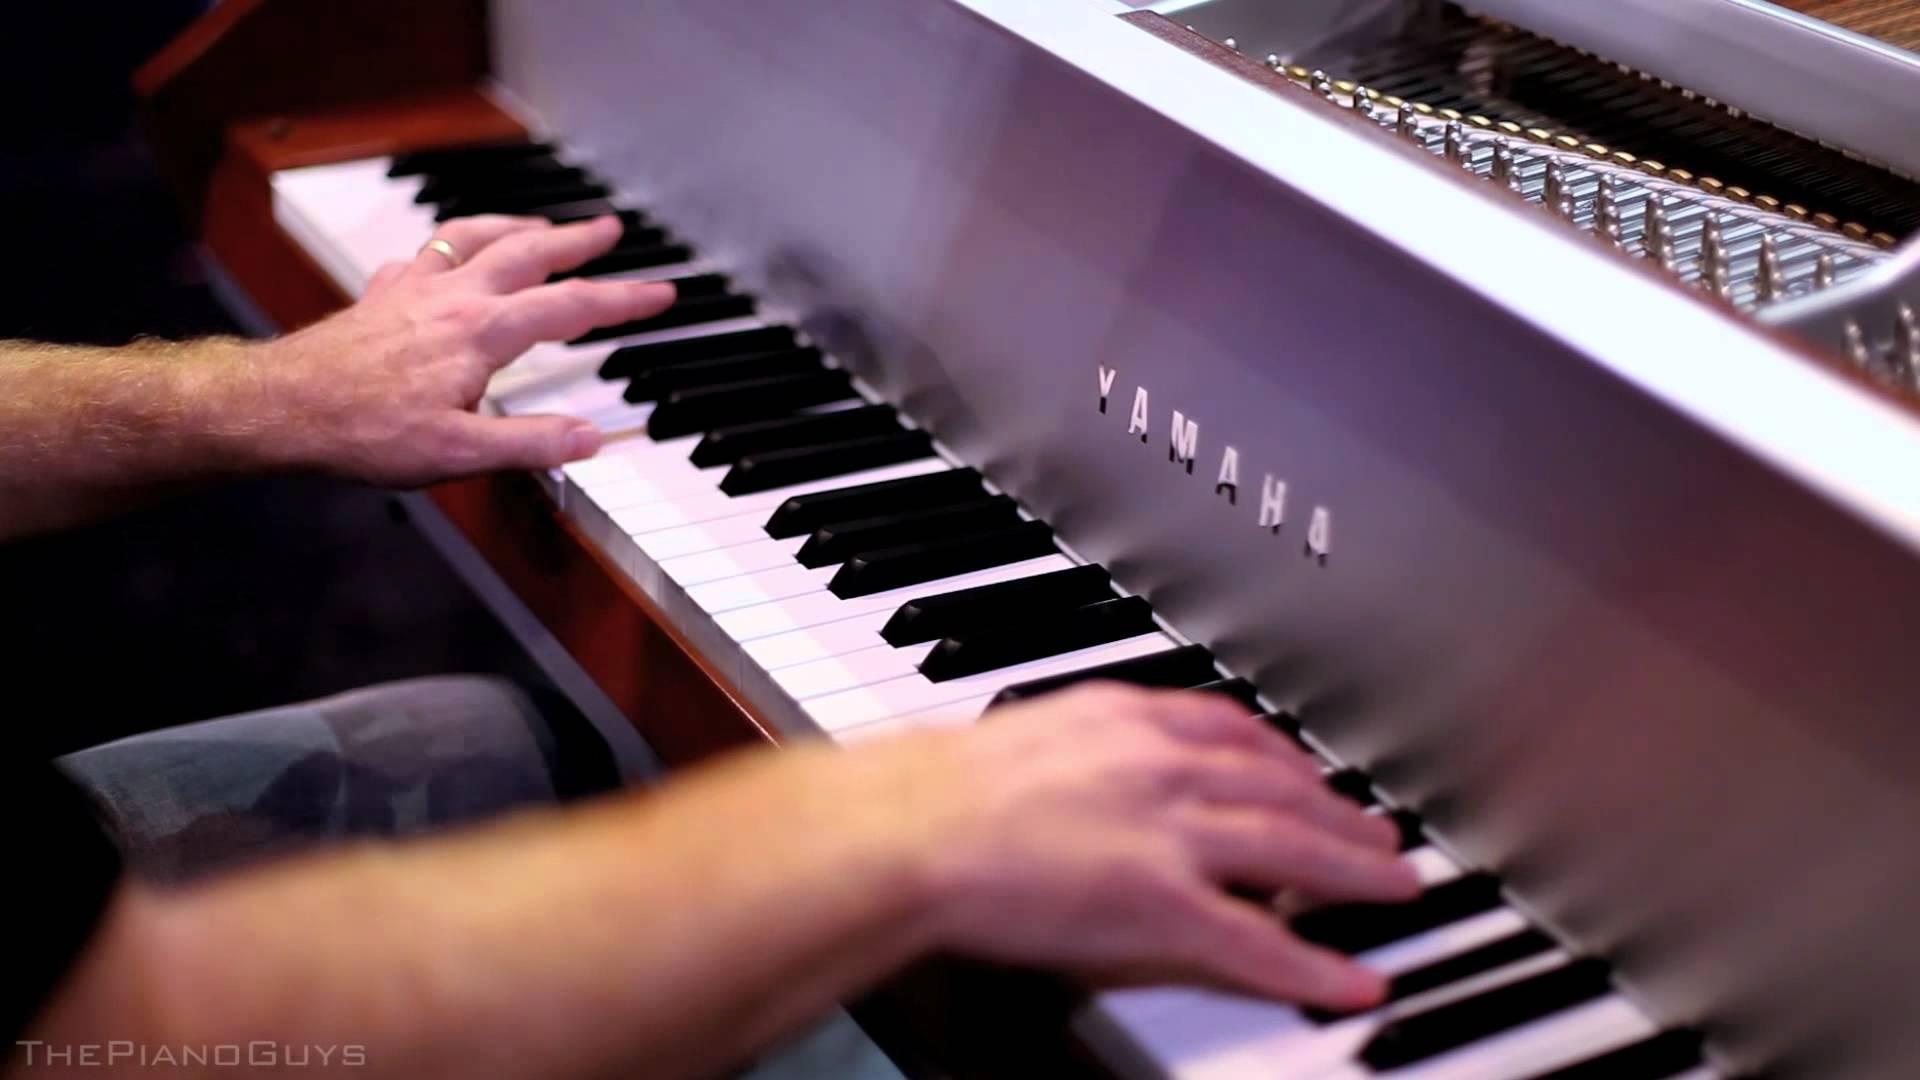 1台のピアノを使って5人の男性が演奏する神技動画